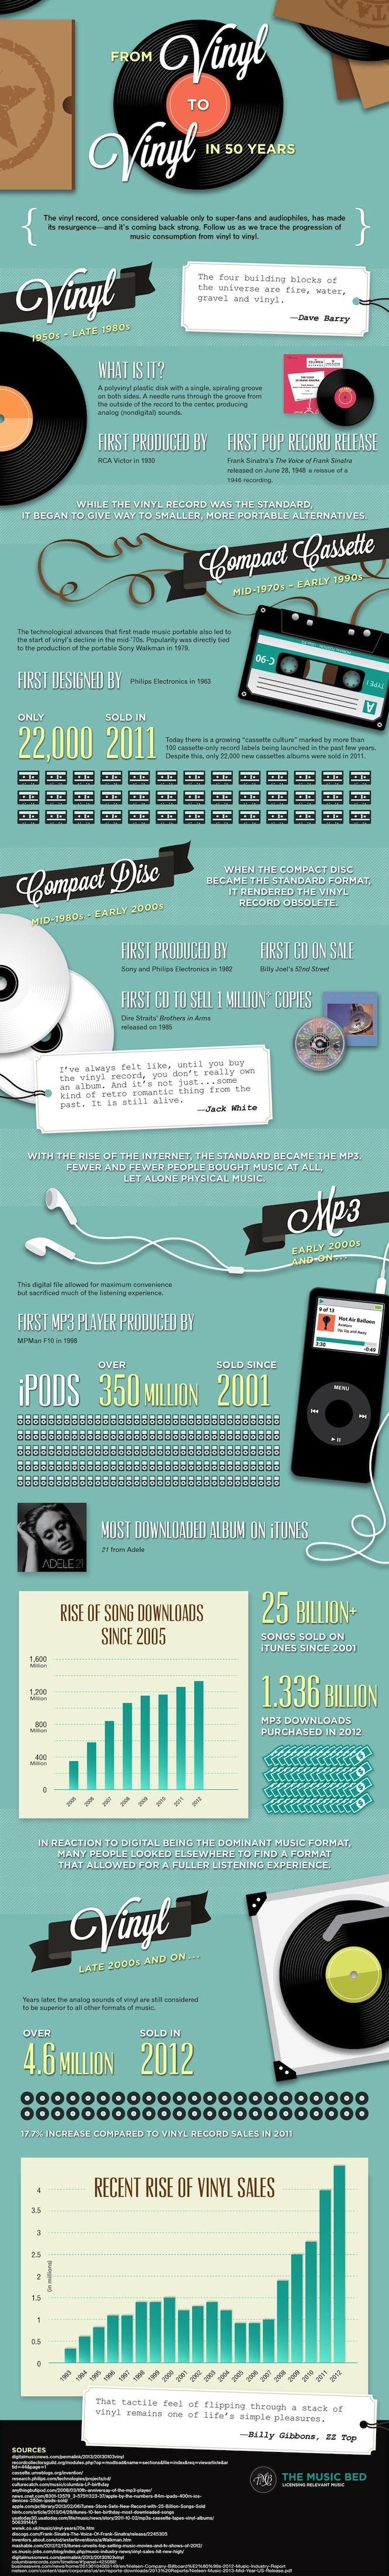 vinyl-infographic